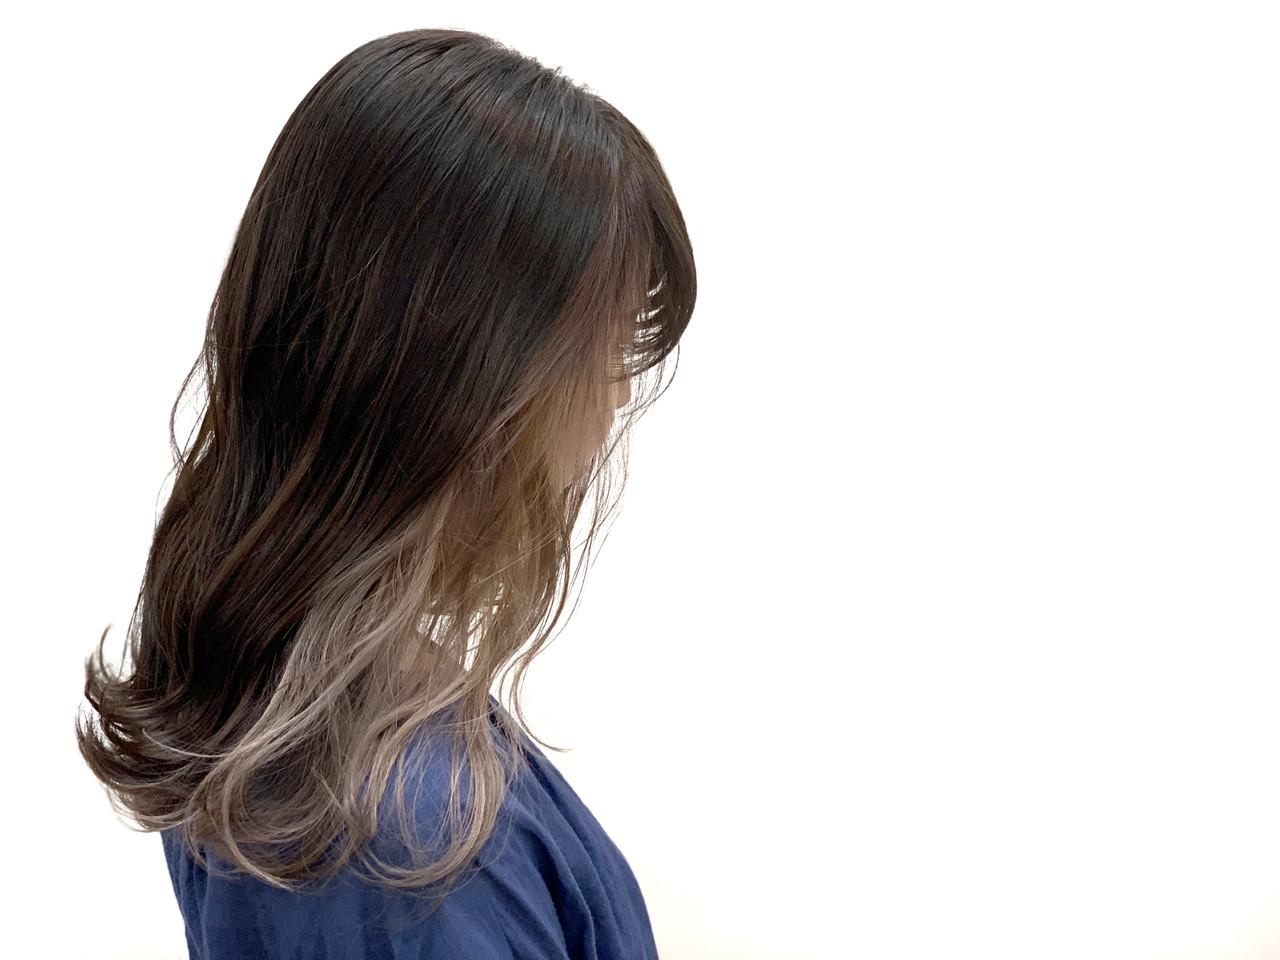 アンニュイほつれヘア グレージュ ロング 透明感 ヘアスタイルや髪型の写真・画像 | 富山 美容師 朝岡 佑介 / HUE【ヒュー】